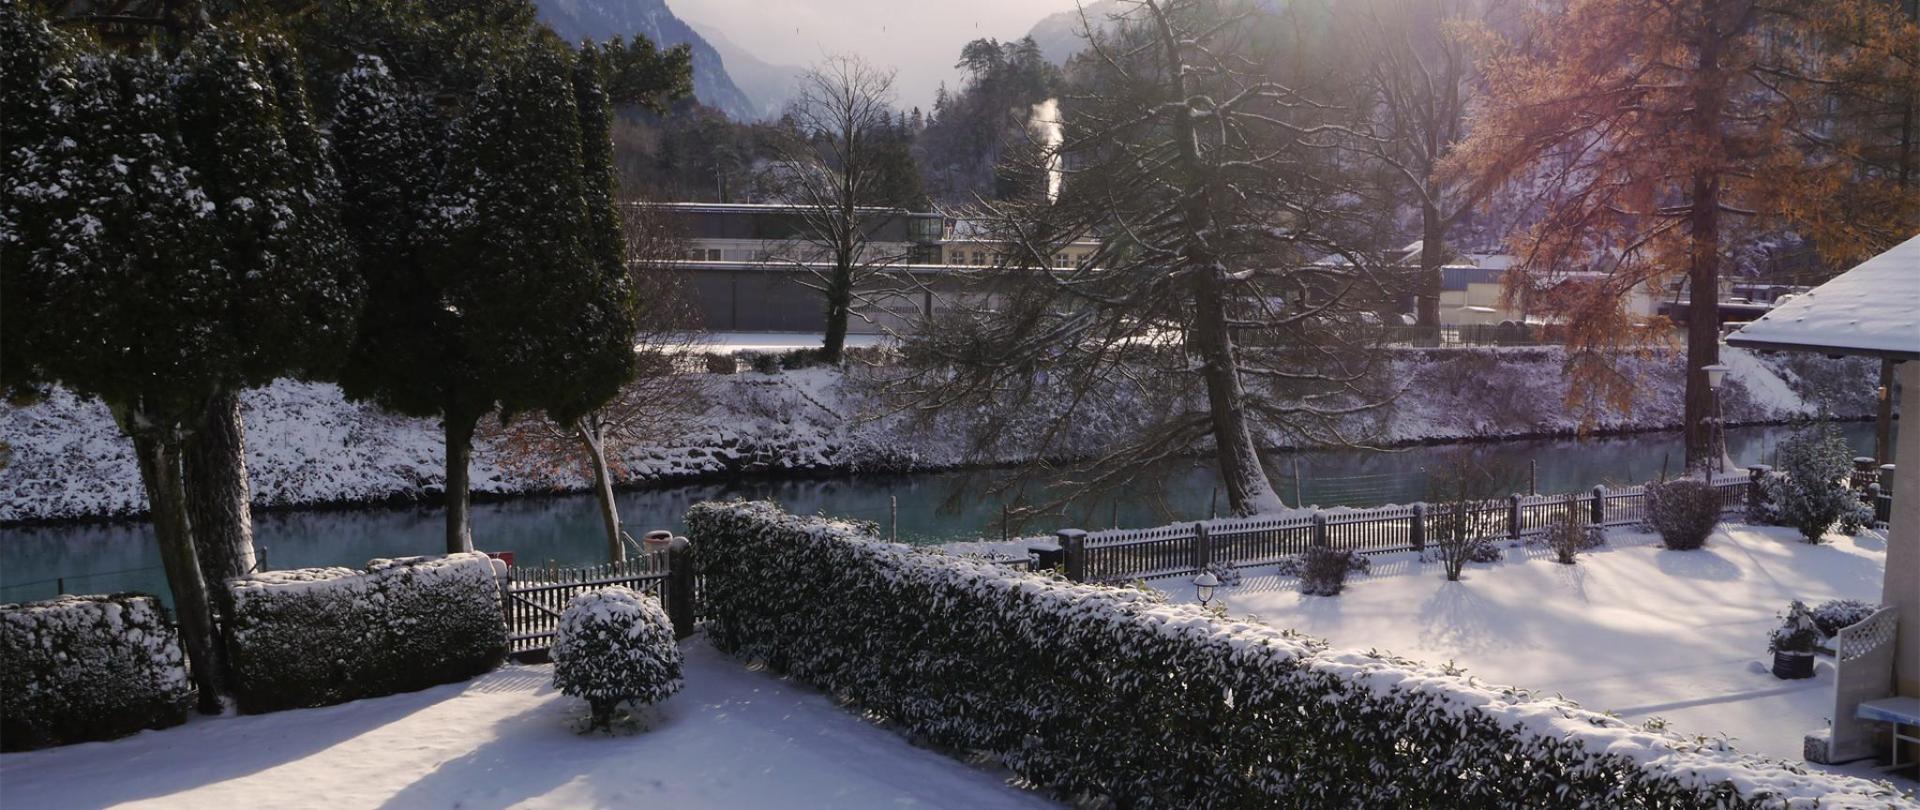 Garten Winter 2.jpg